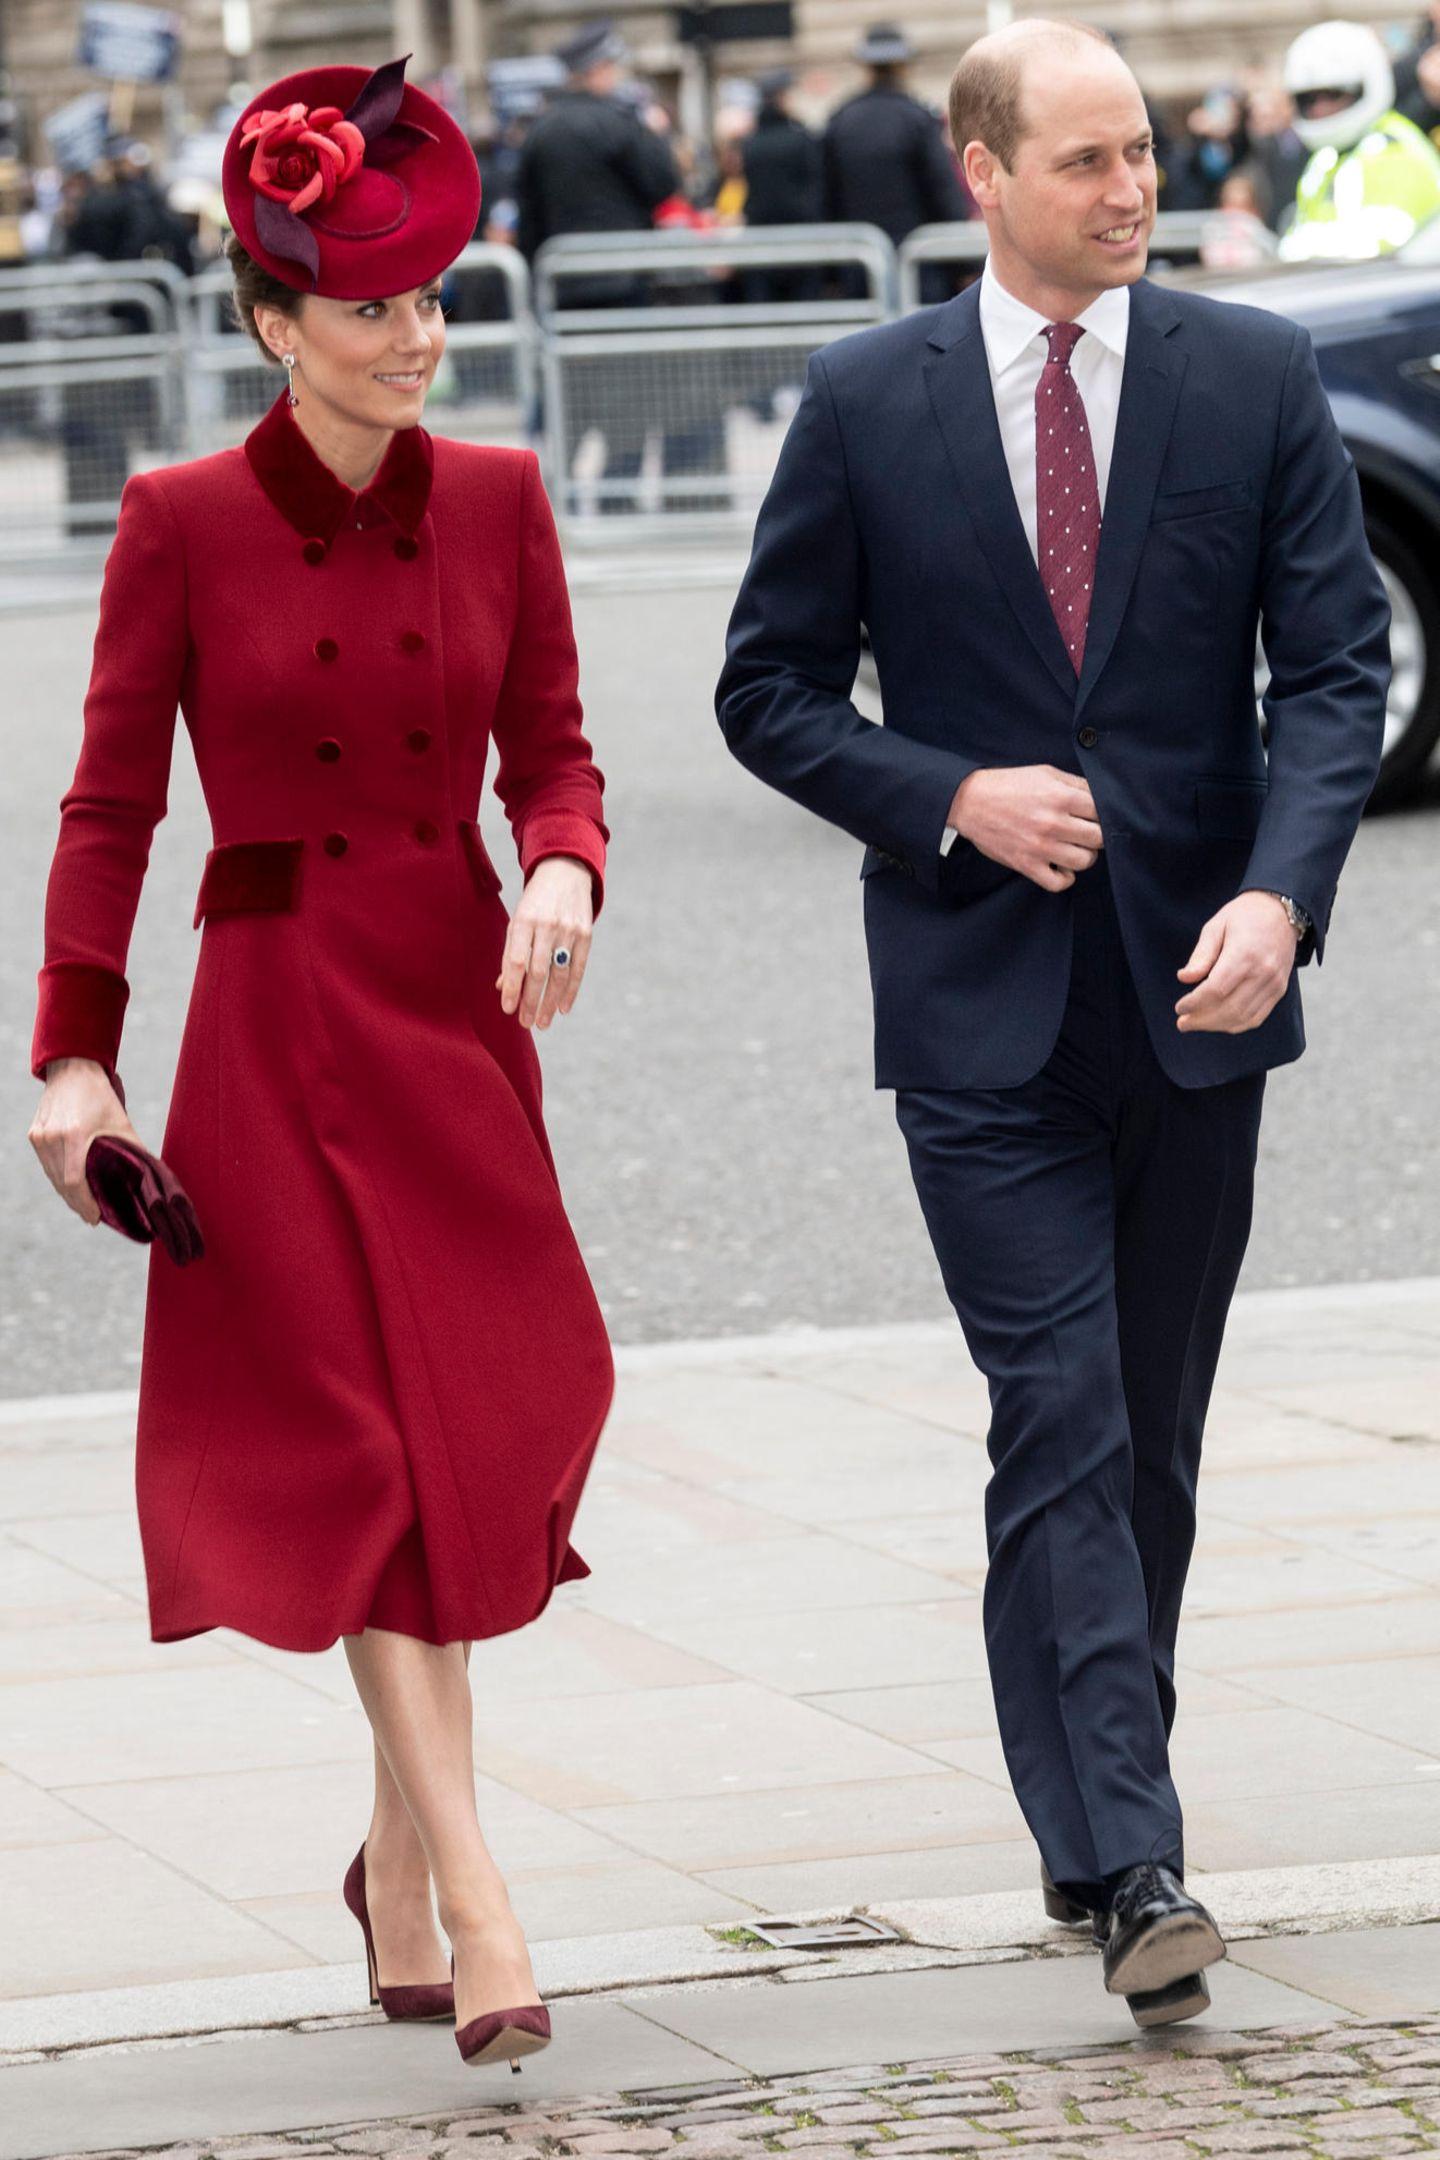 """Kate und William treffen kurznach Harry und Meghan ein. Kurz vor dem Termin hat der Palast eine Änderung im Ablauf bekannt gegeben: Sowohl Kate und William als auch Harry und Meghan würden nach ihrer Ankunft direkt zu ihren Plätzen geführt werdent. Beim Commonwealth Day 2019 war das noch anders: Die Royals hatten gemeinsam im Eingangsbereich auf das Eintreffen der Queen gewartet, um ihr danachzu den Plätzen zu folgen.  """"Jede Geste, jede Mimik und jedes Wortist der Nährboden für neue Spekulationen und Gerüchte. Der Protokollchef hat also dafür gesorgt, dass eine Gruppensituation wie 2019 nicht entsteht"""", erklärt Royal-Korrespondent Arndt Striegler GALA."""